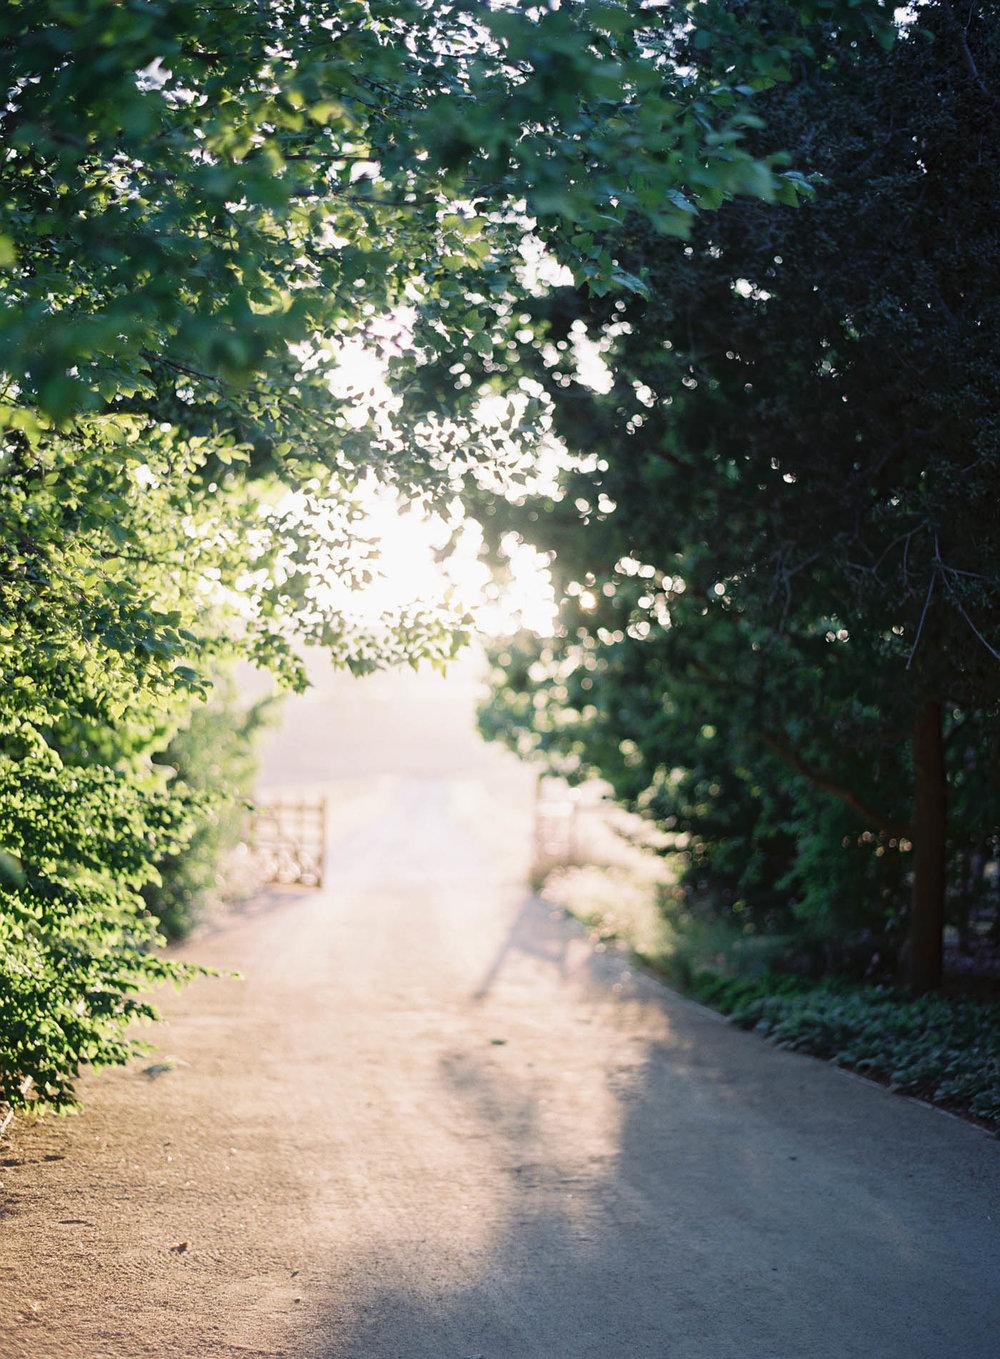 Kestral-Ranch-32-Jen_Huang-008086-R1-E003.jpg